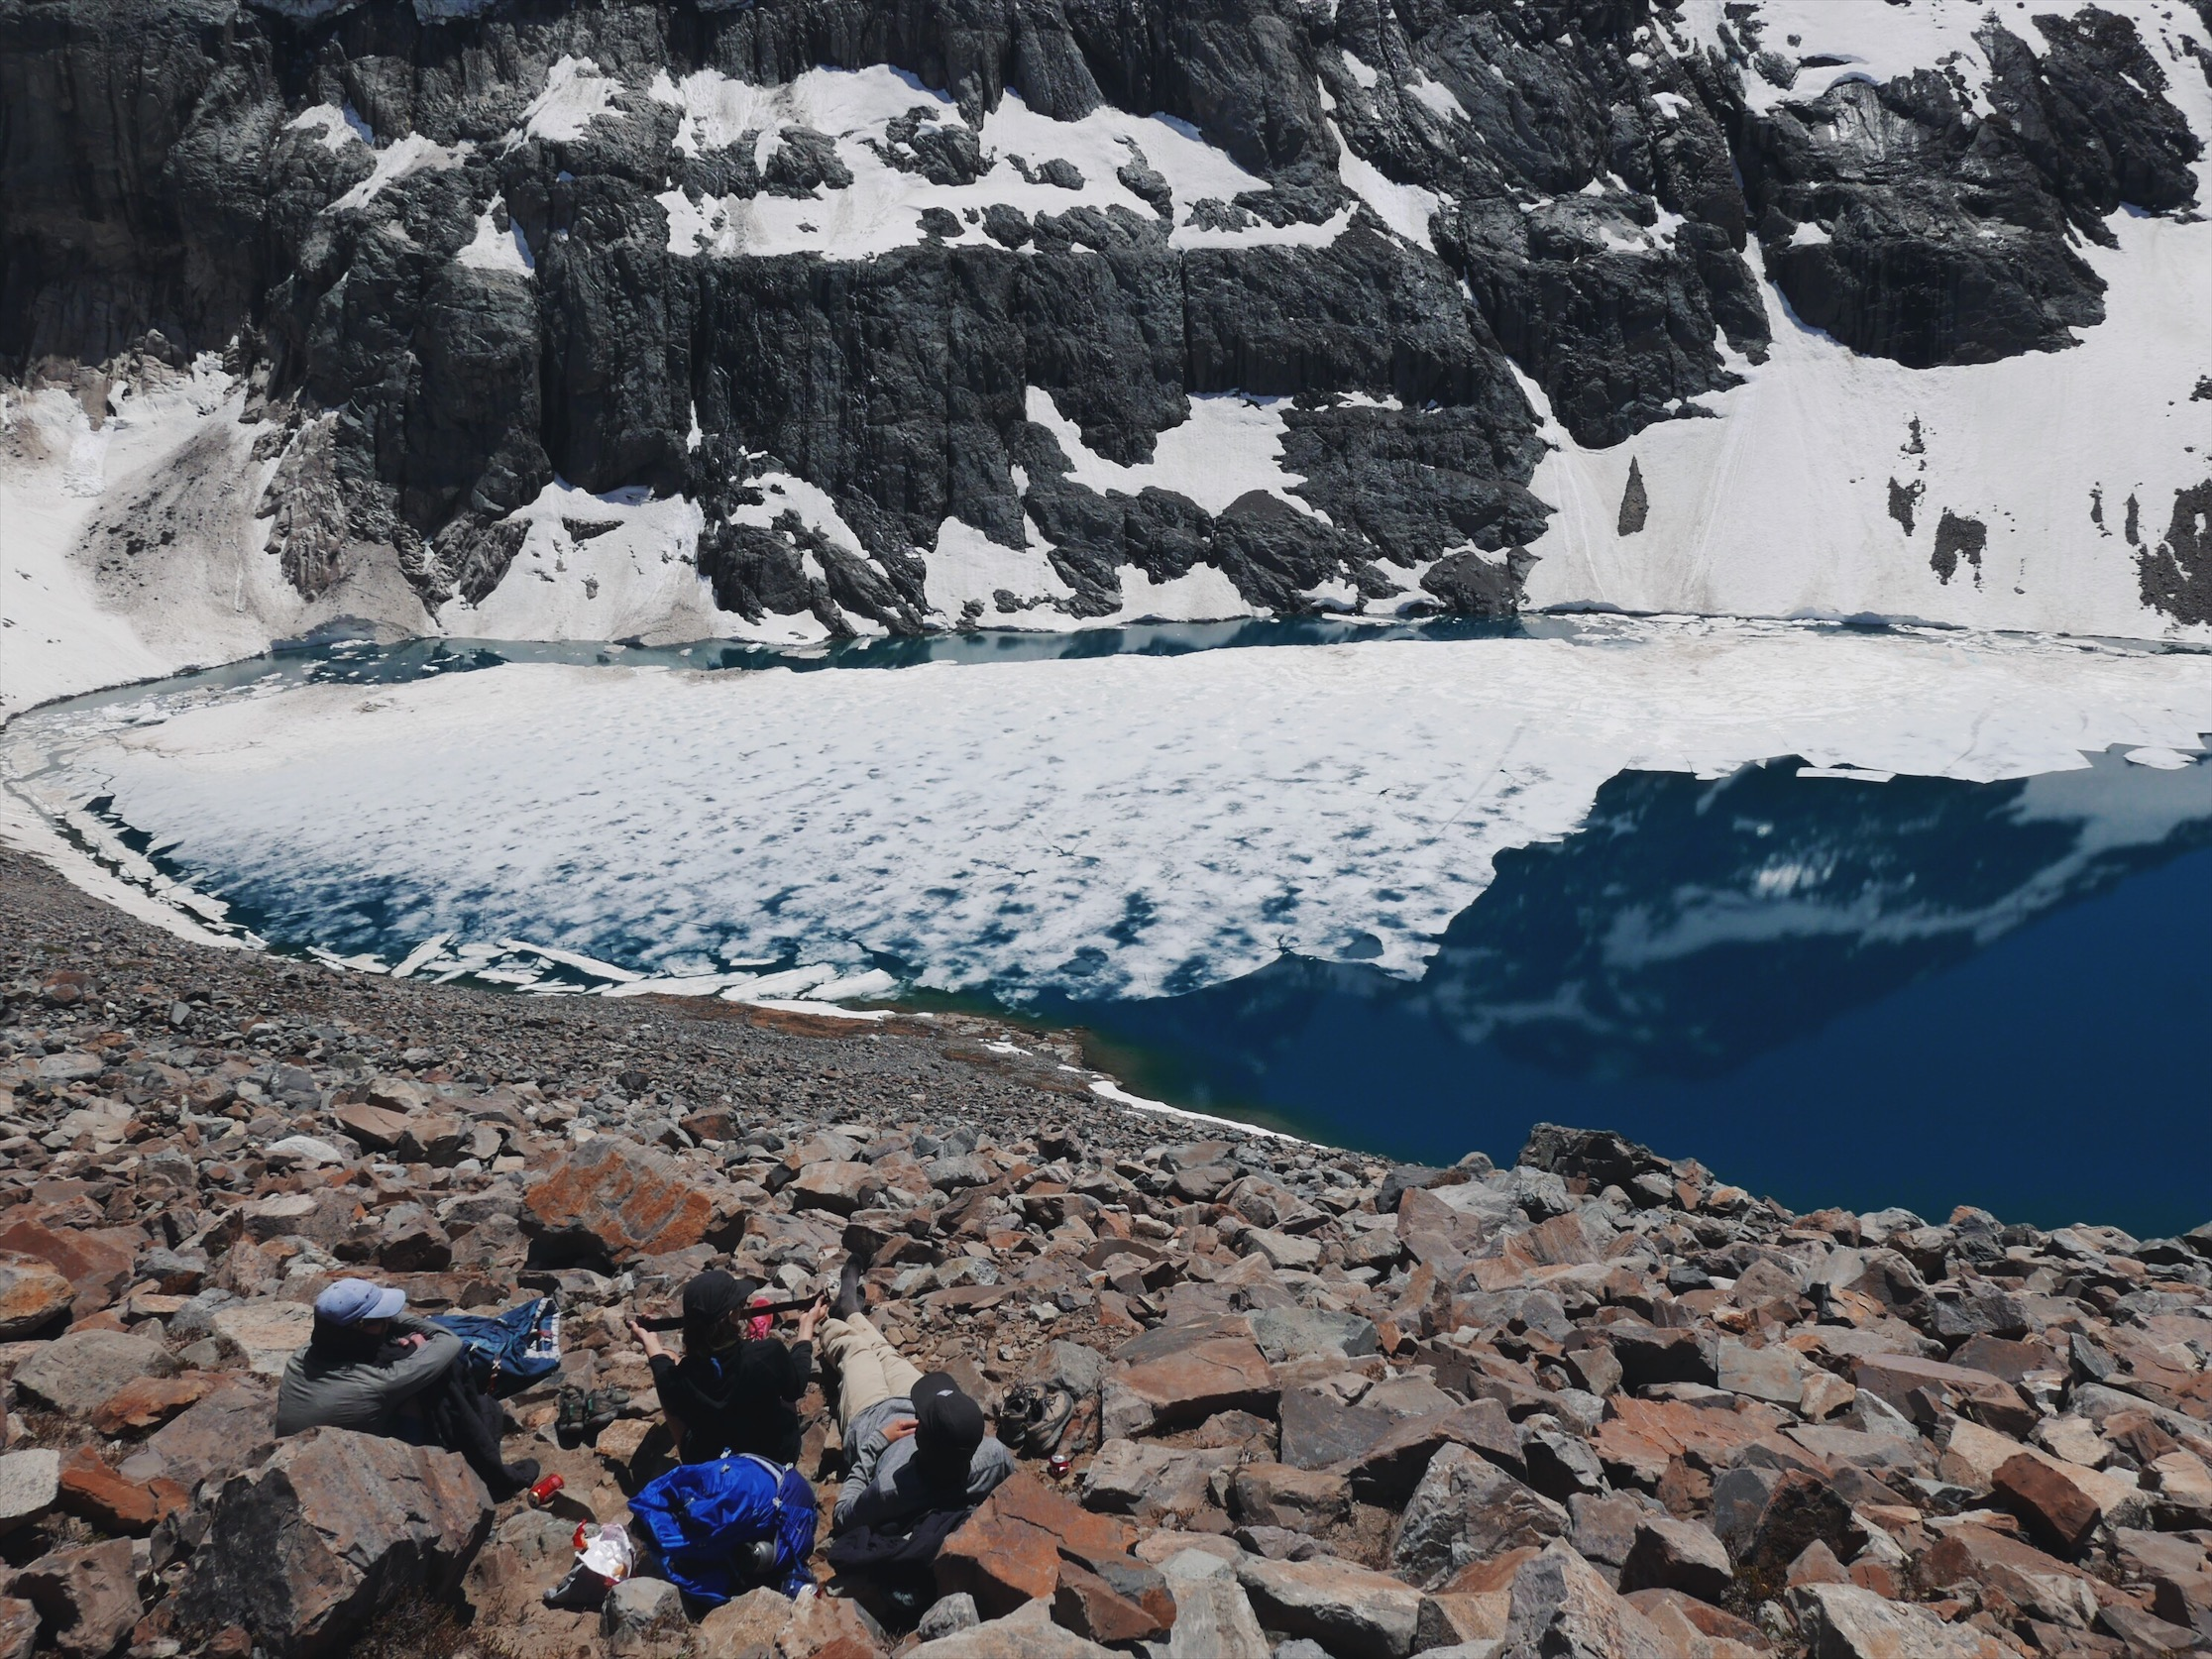 Cerro Castillo and its half frozen laguna.